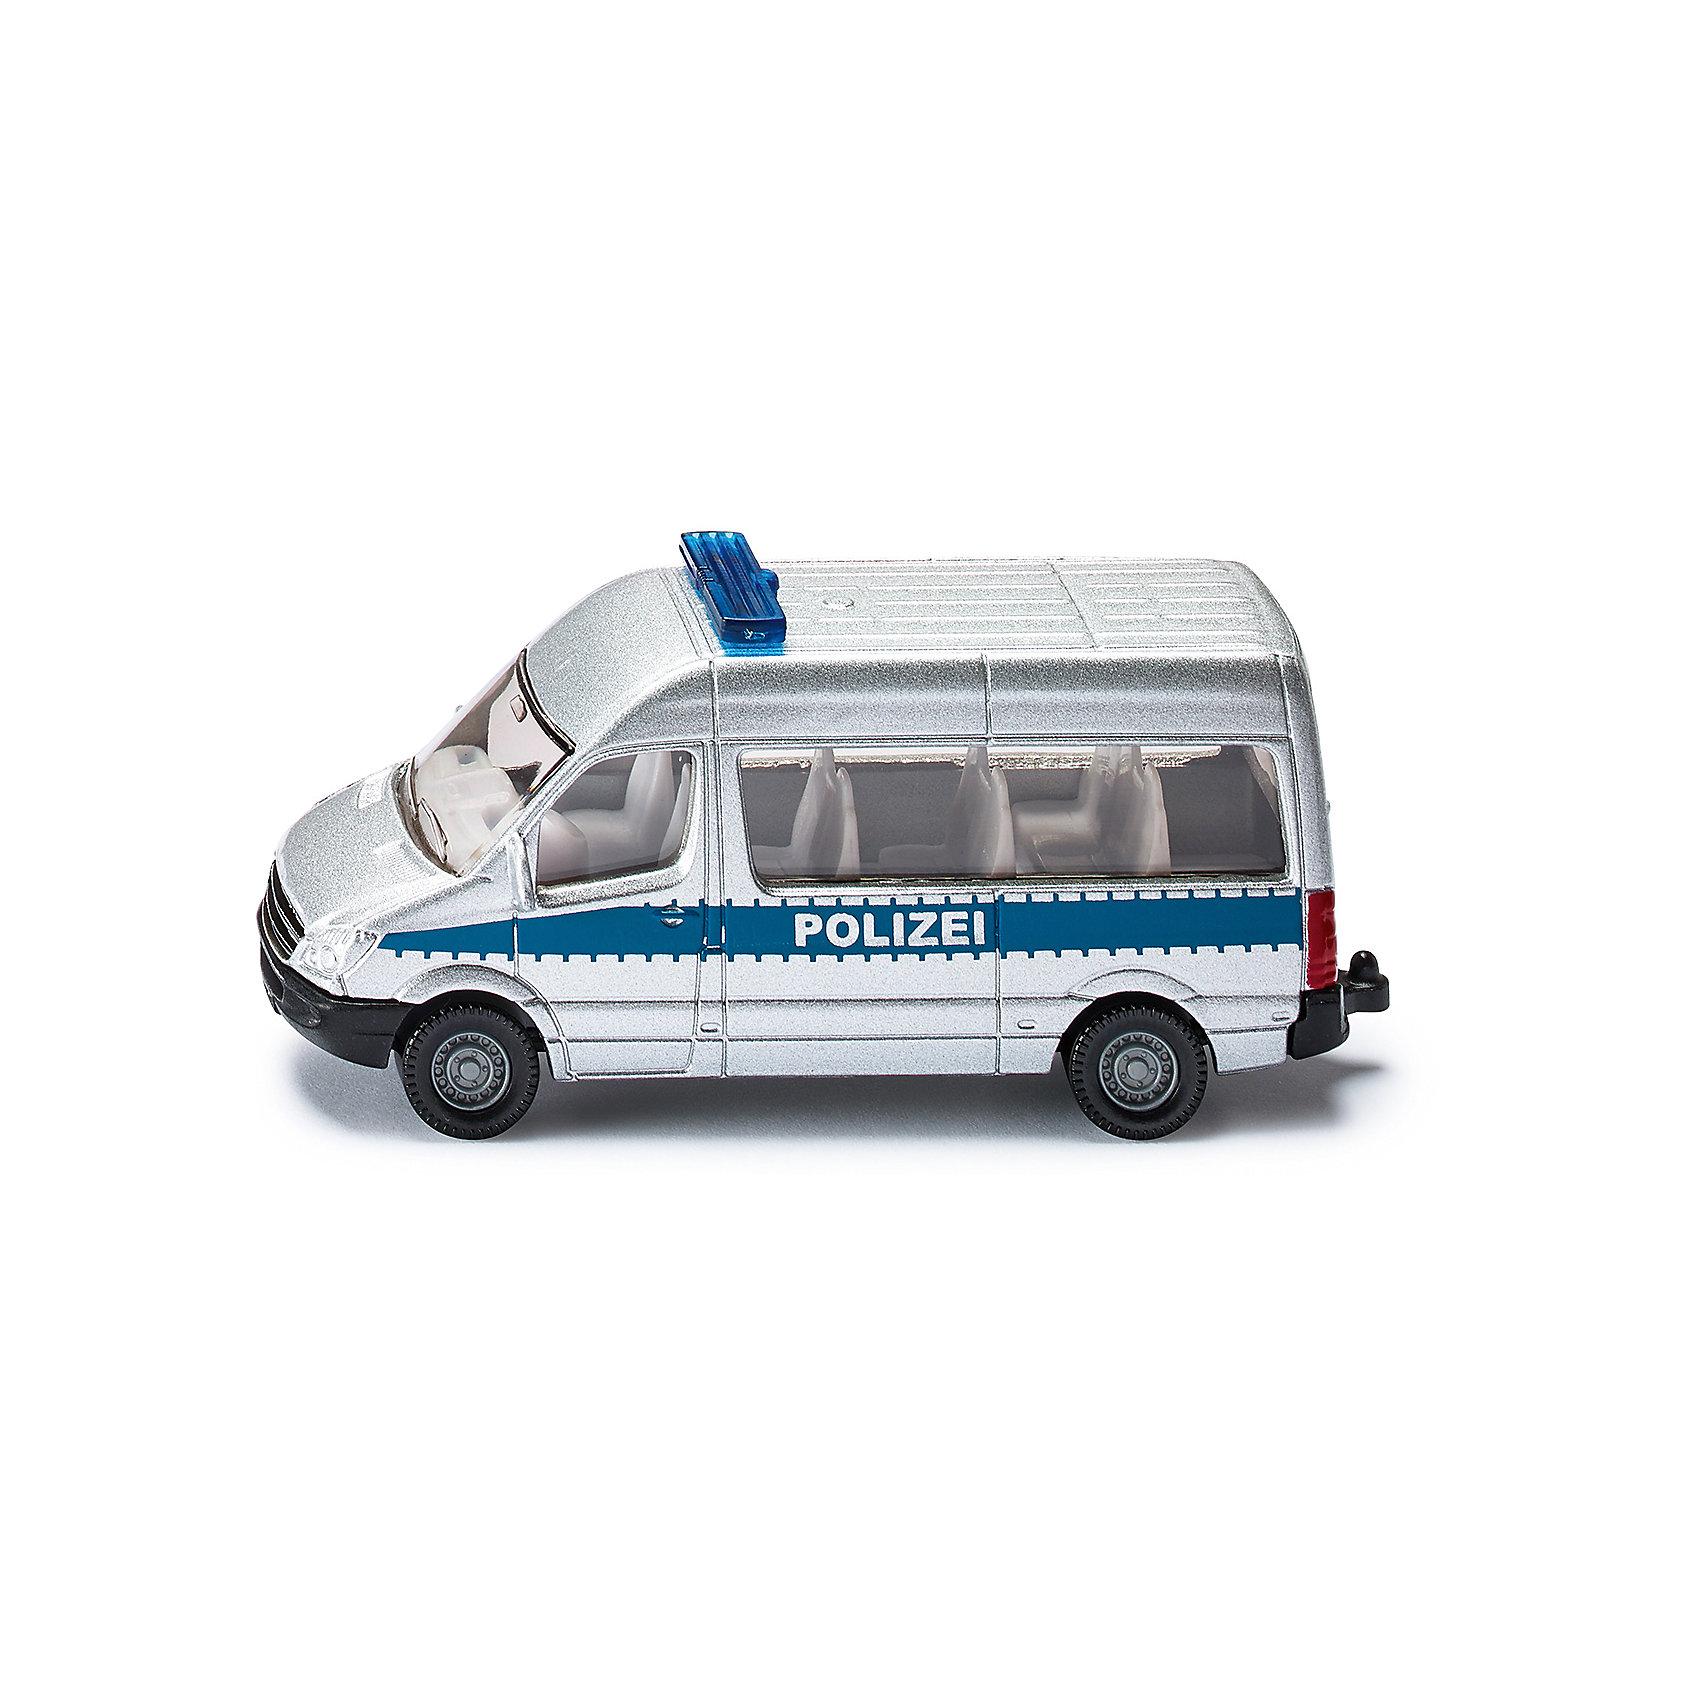 SIKU 0804 Полицейский автобус 1:55 от myToys